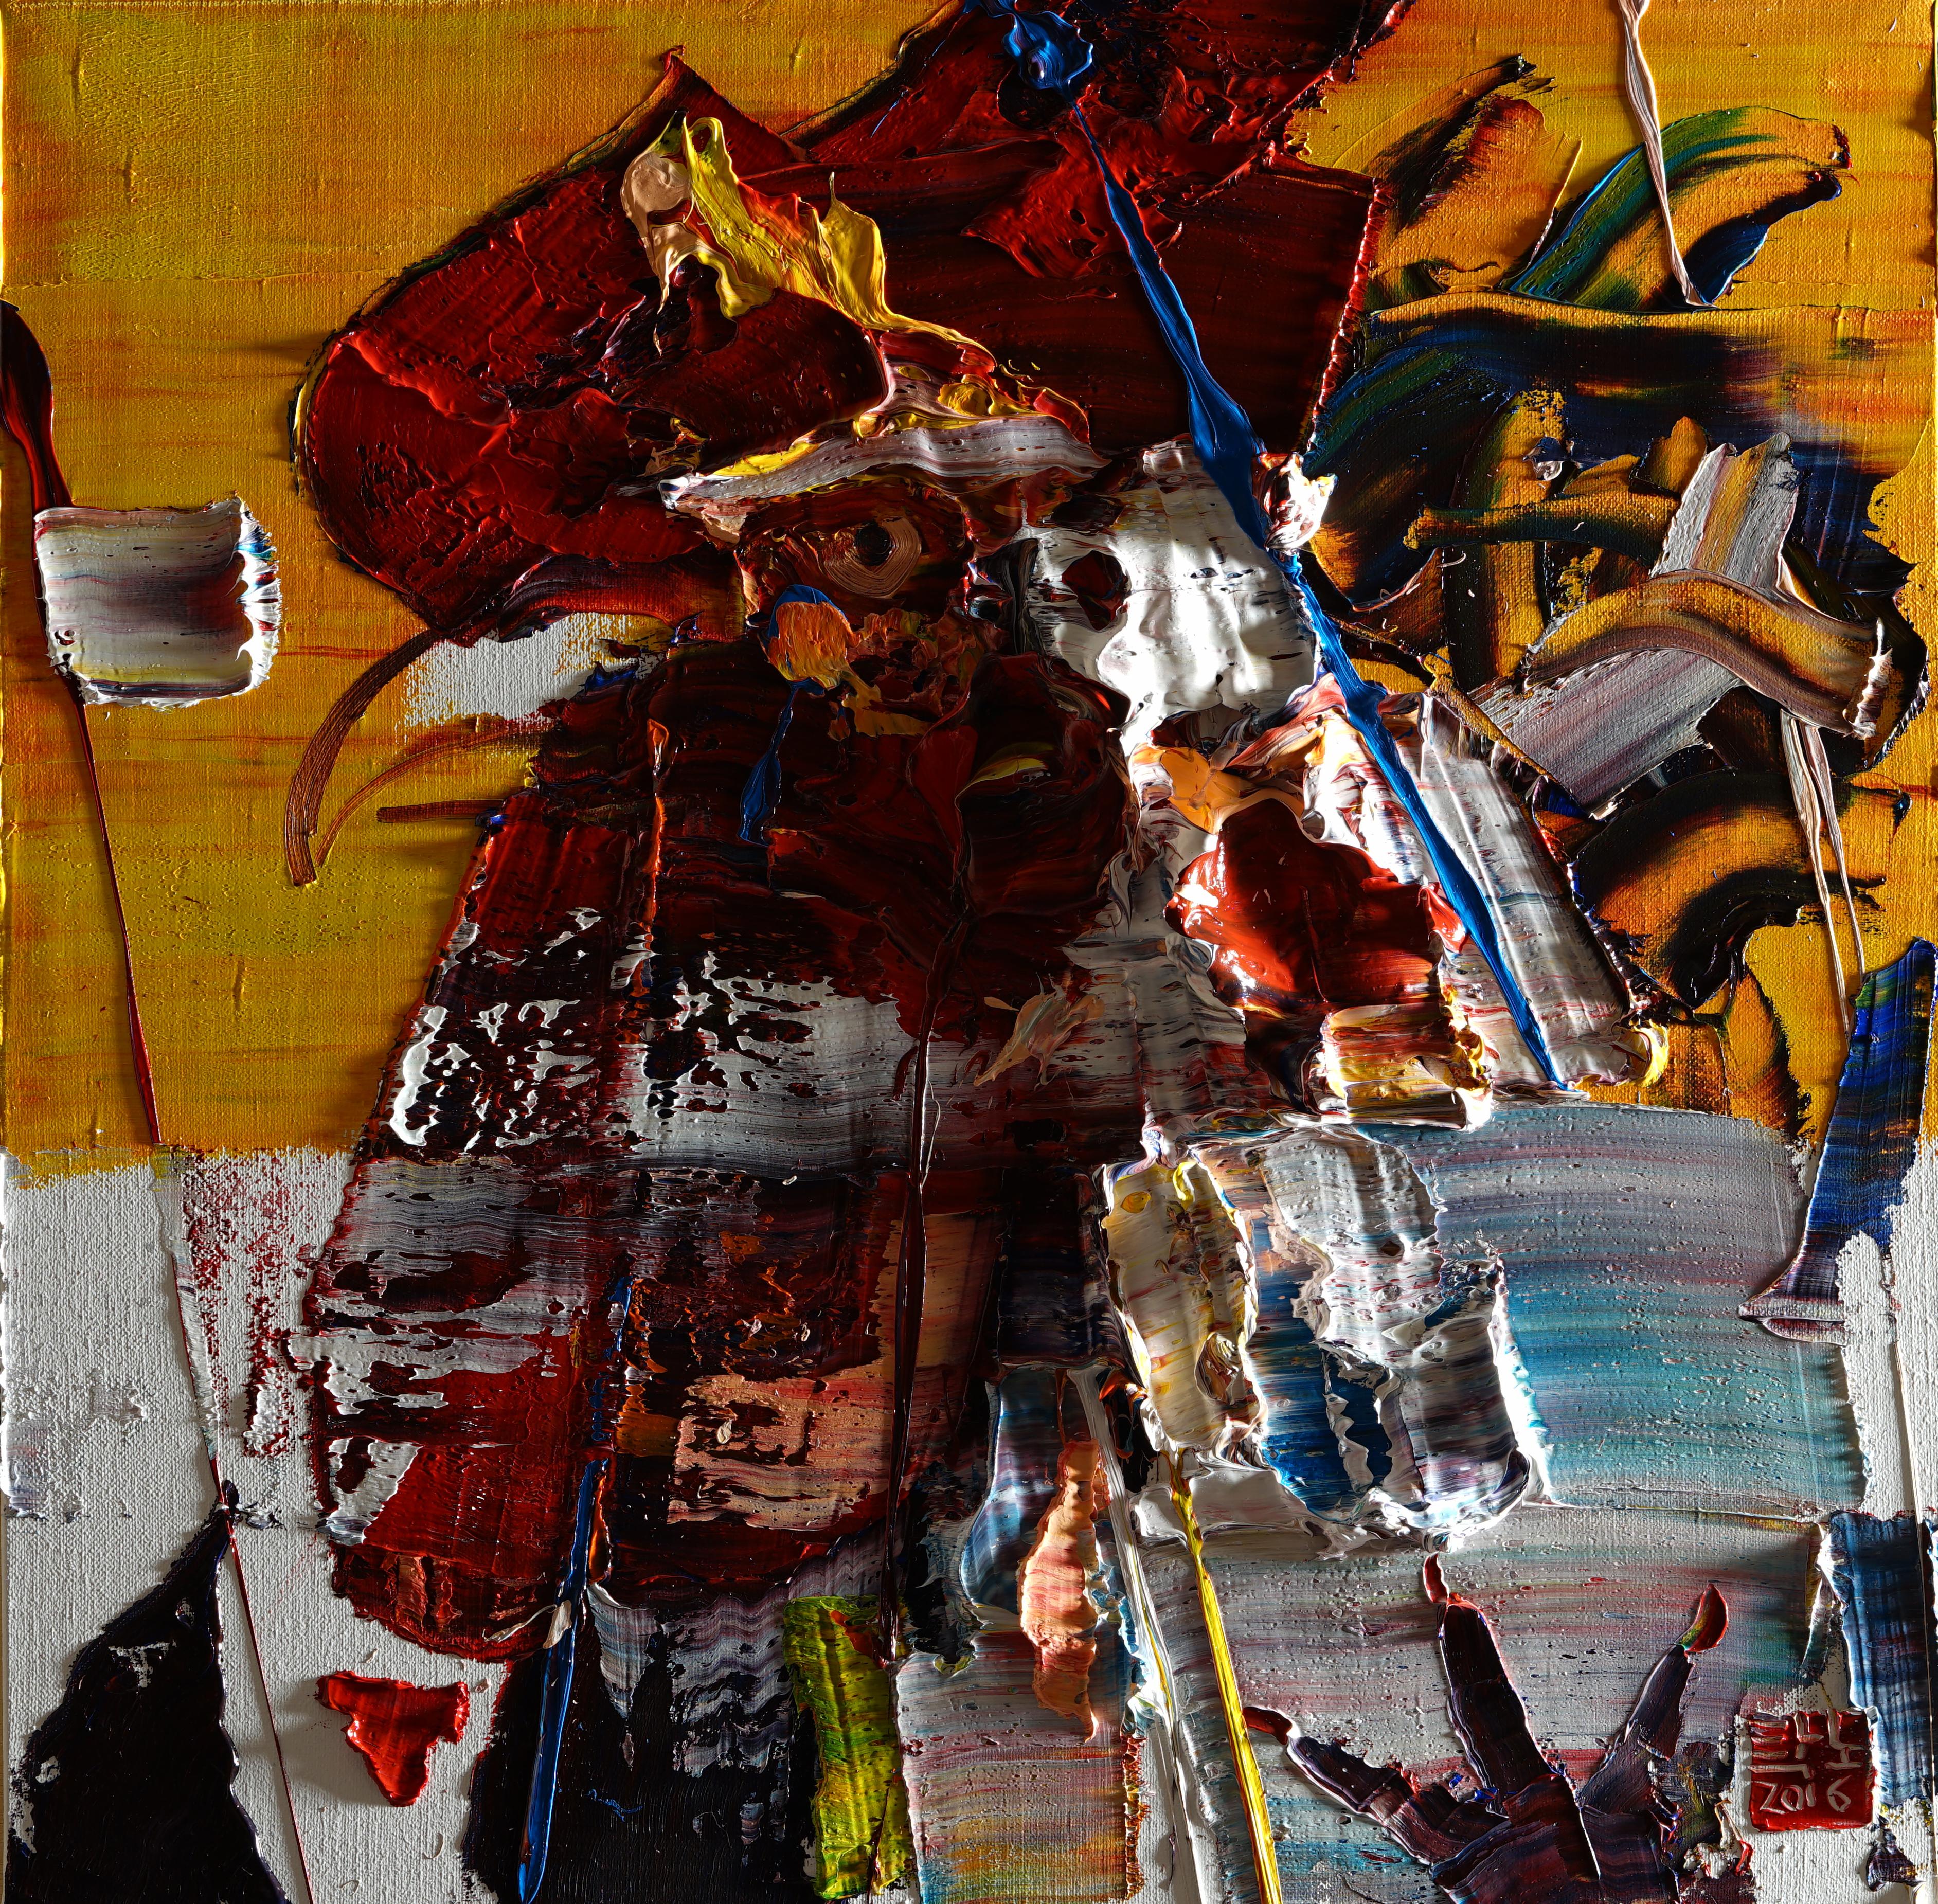 탁노, 60x60cm, Oil on canvas, 2016